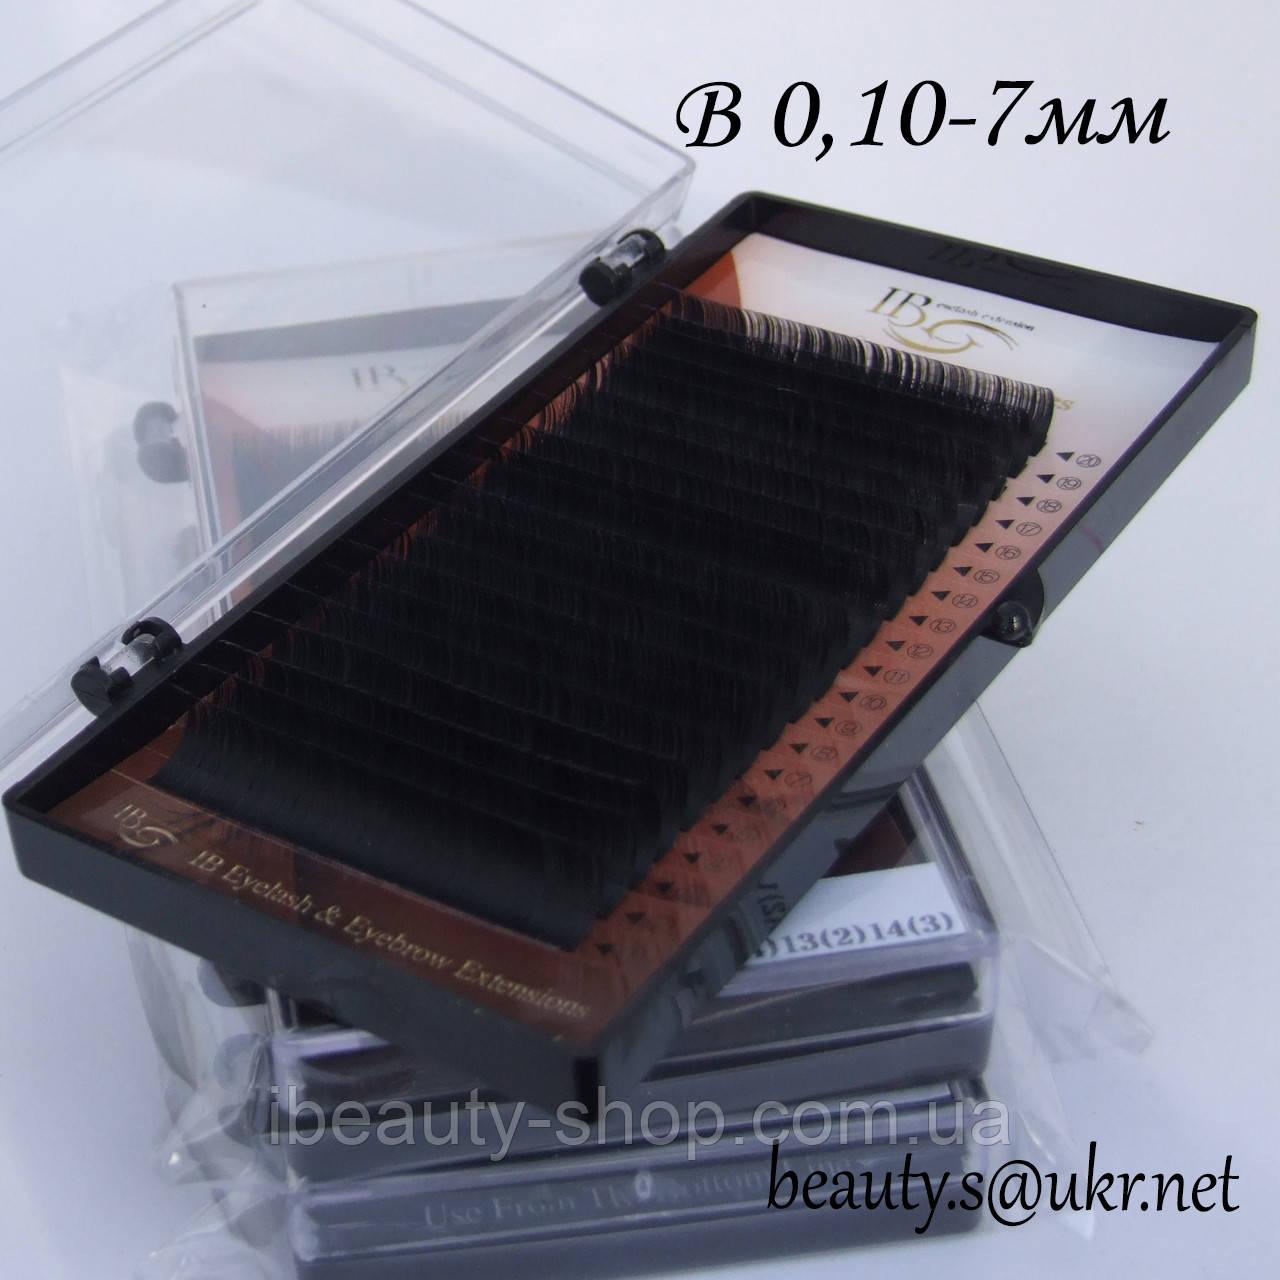 Ресницы  I-Beauty на ленте B-0,10 7мм